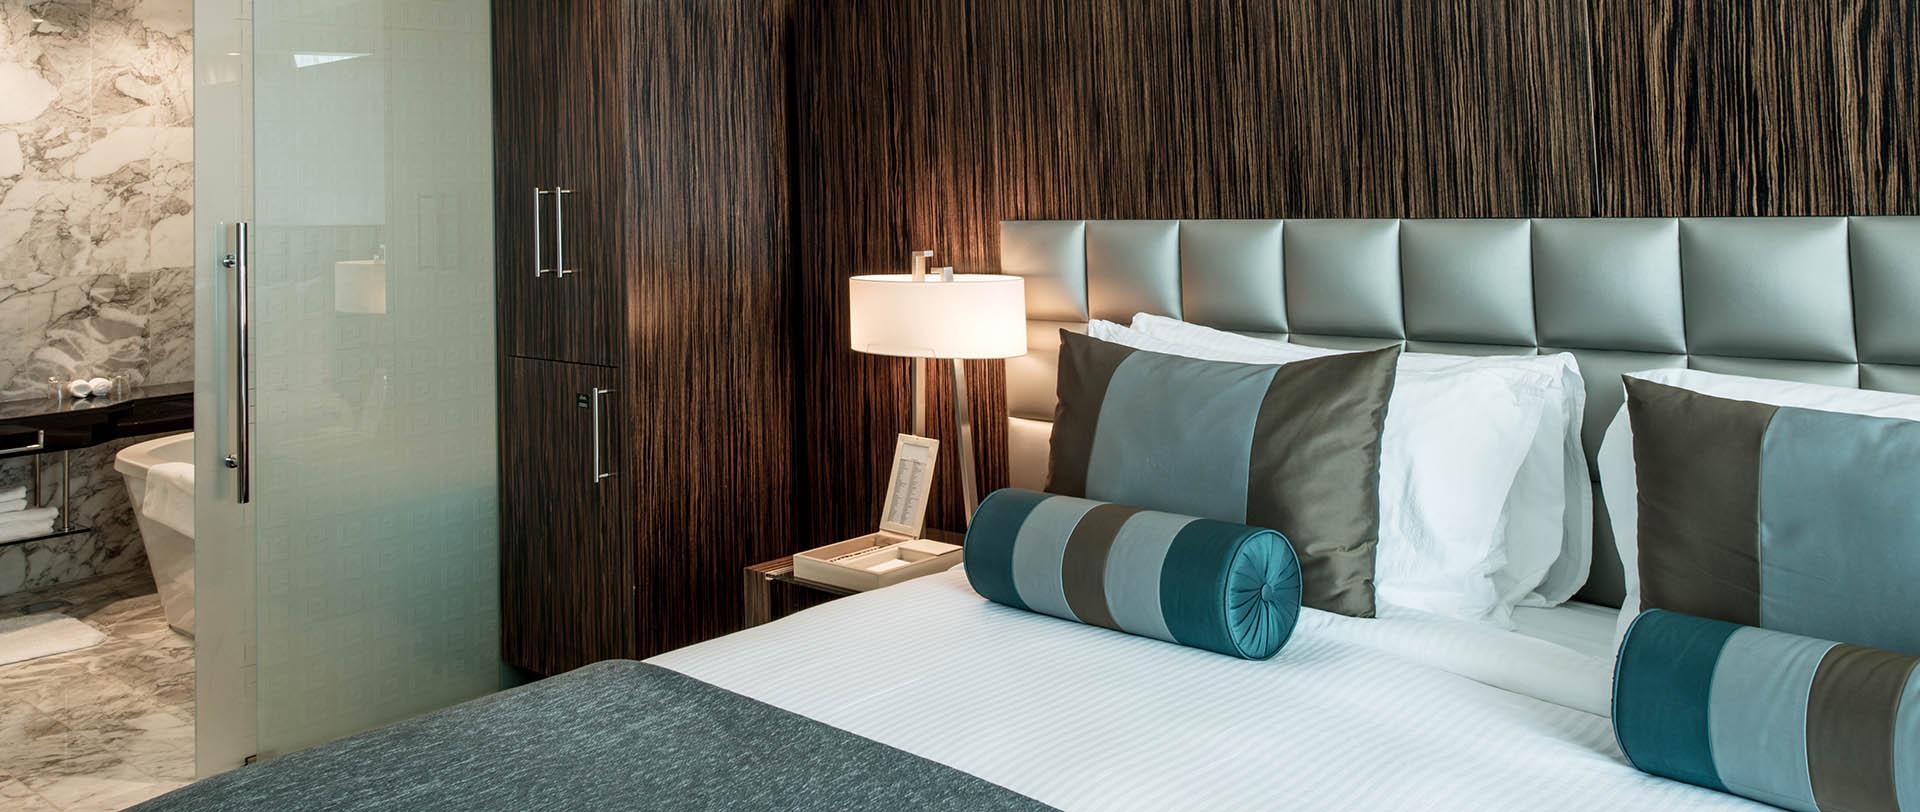 Einrichtung für Gäste- und Hotelzimmer